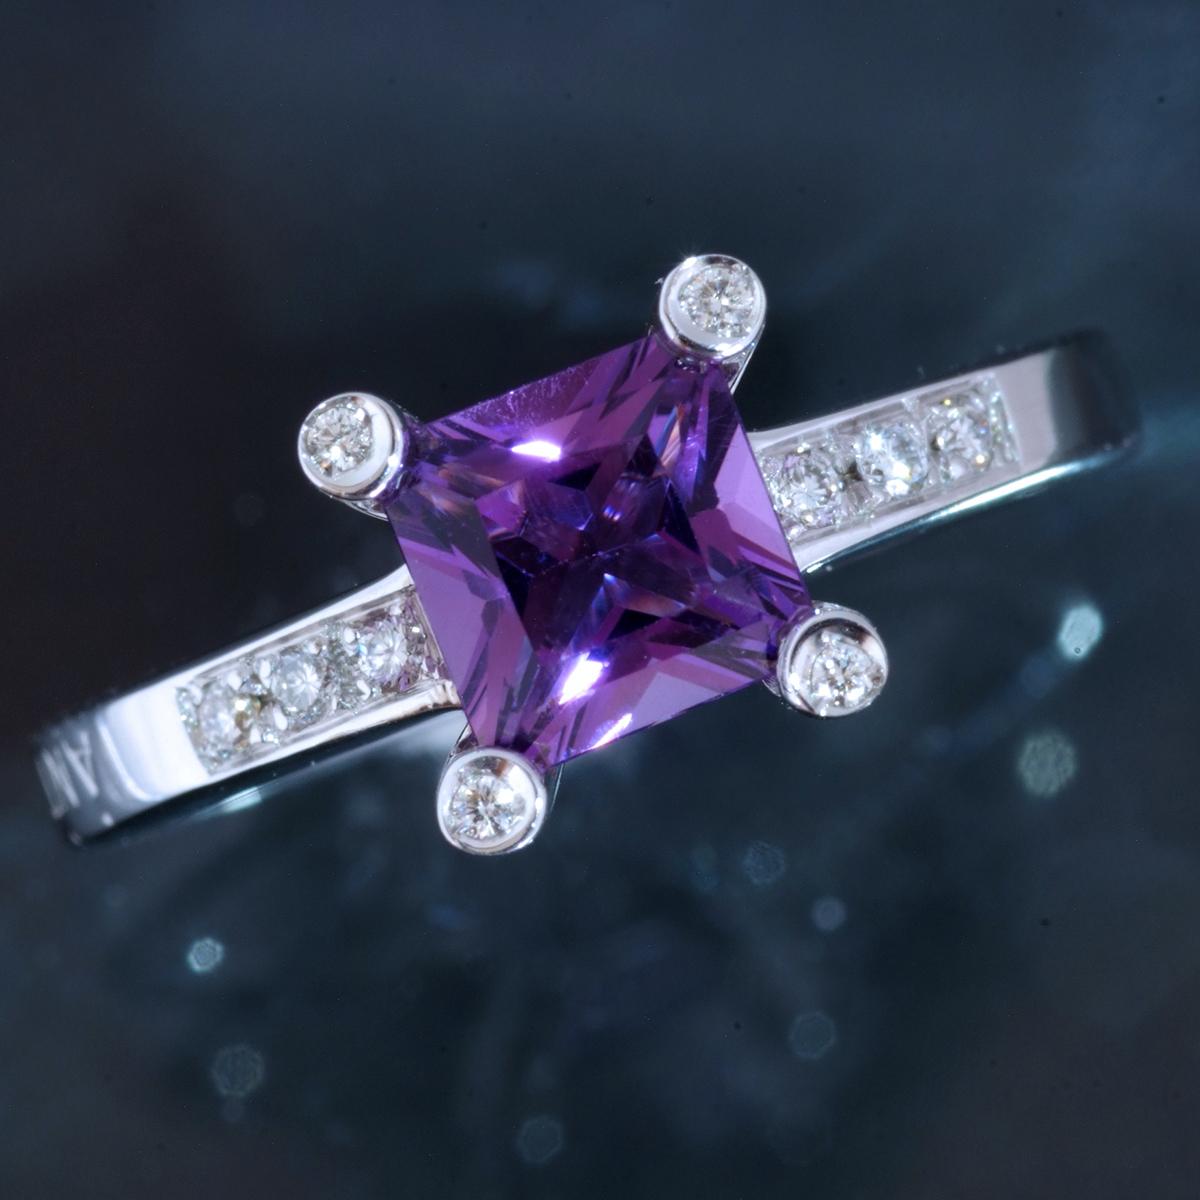 E8656【ANTONINI】アントニーニ アメジスト 天然絶品ダイヤモンド 最高級18金WG無垢リング S9.5号 重量4.95g 縦幅8.1mm【買取&下取可能】_画像1